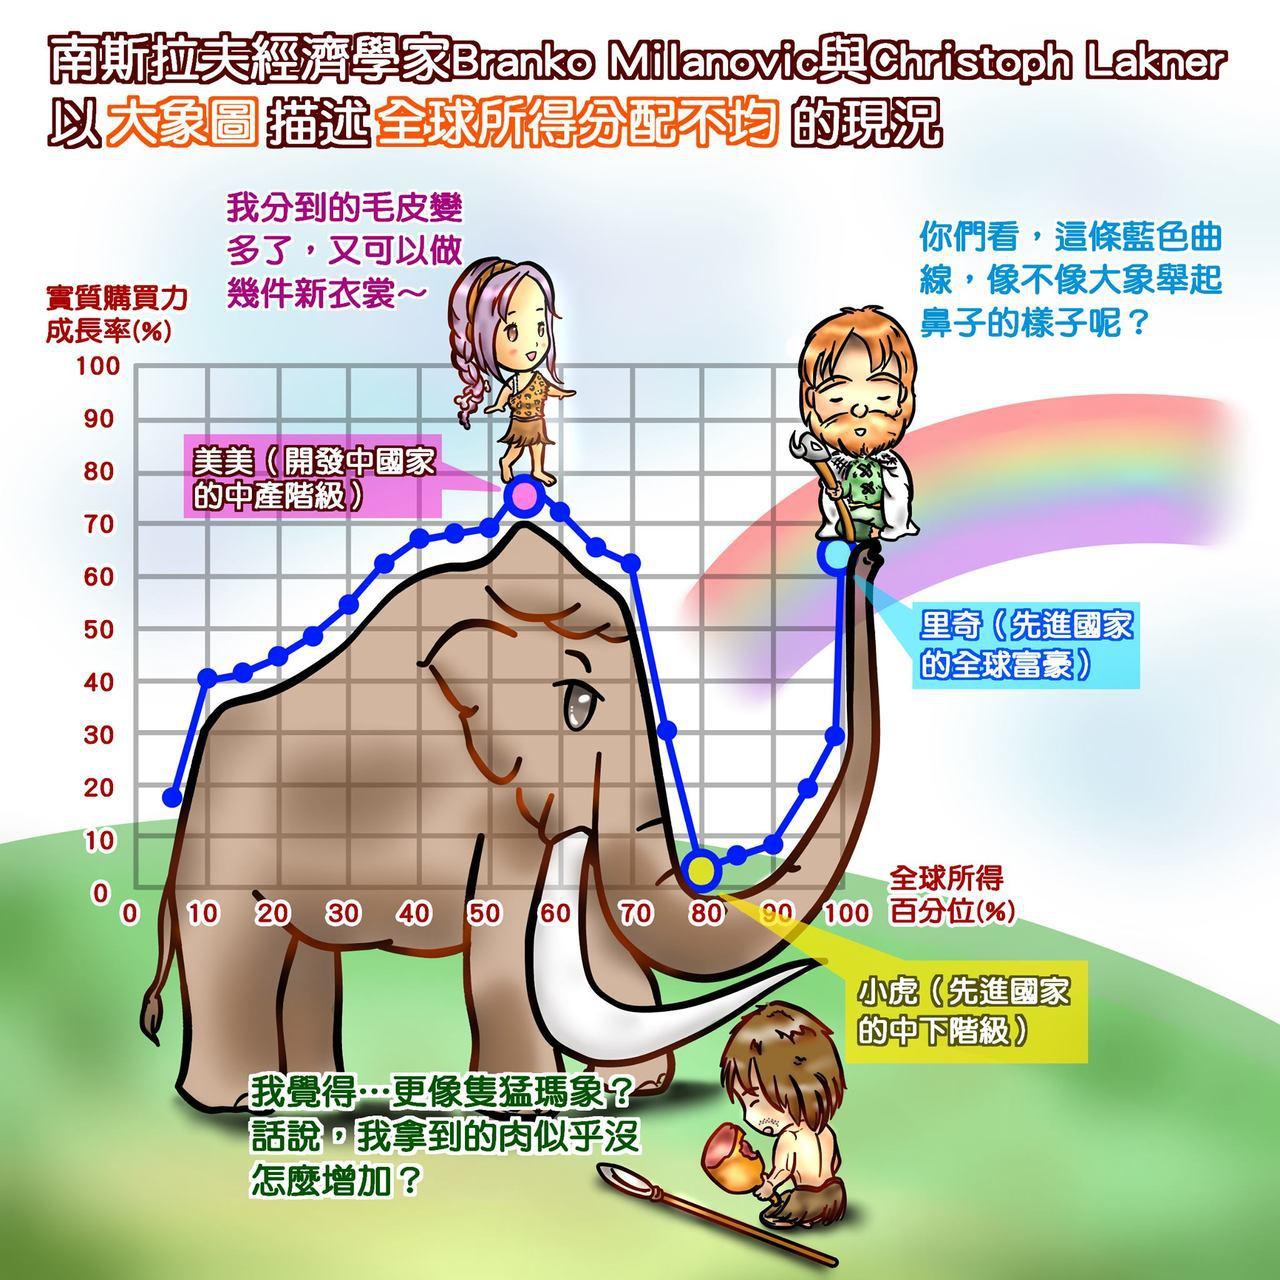 圖擷自中央銀行臉書